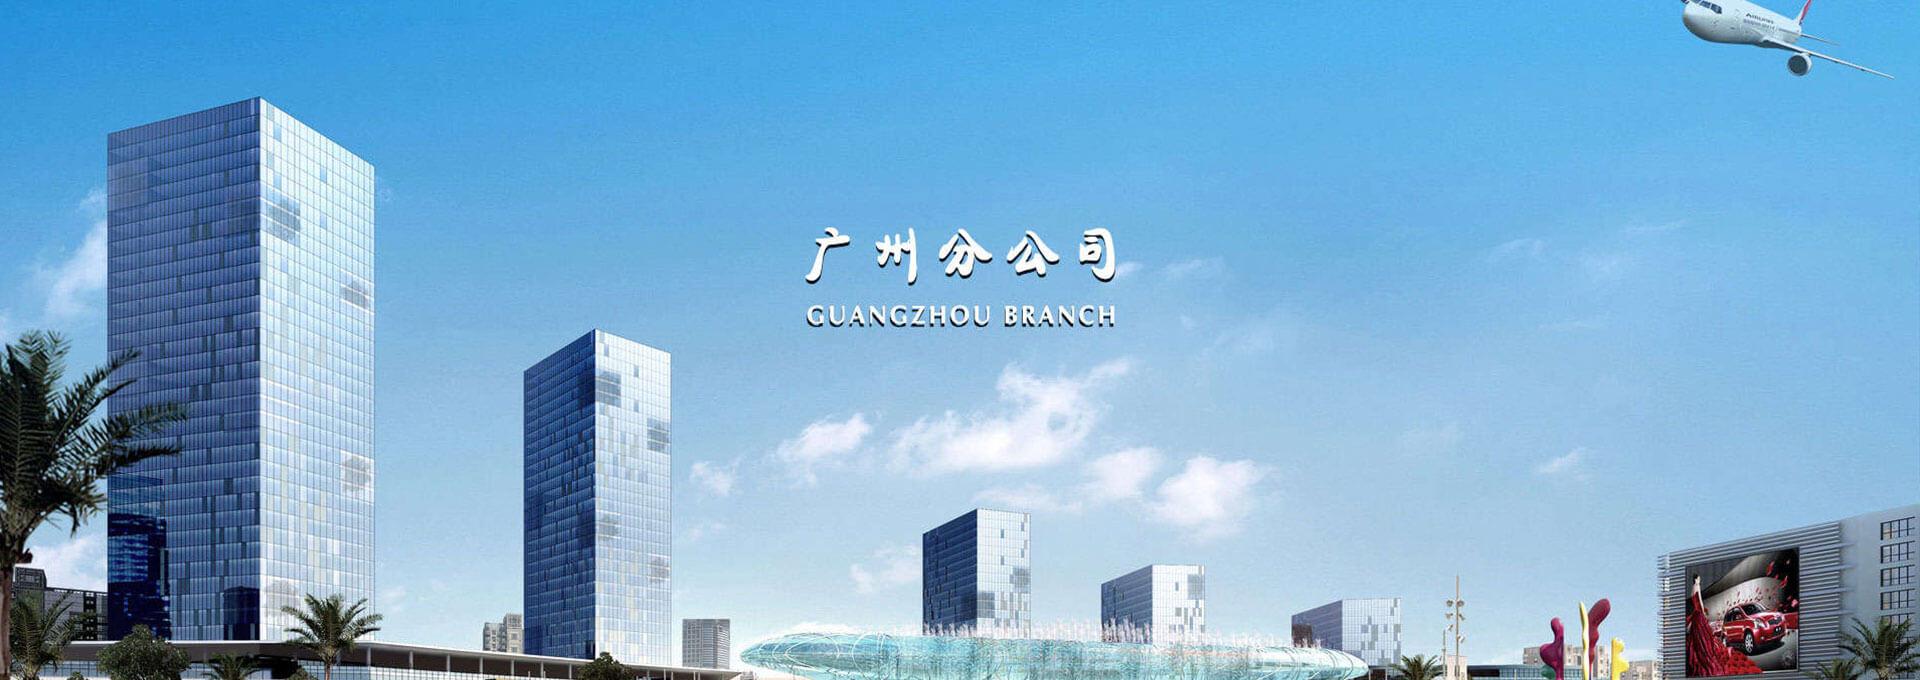 昌启餐饮加盟网